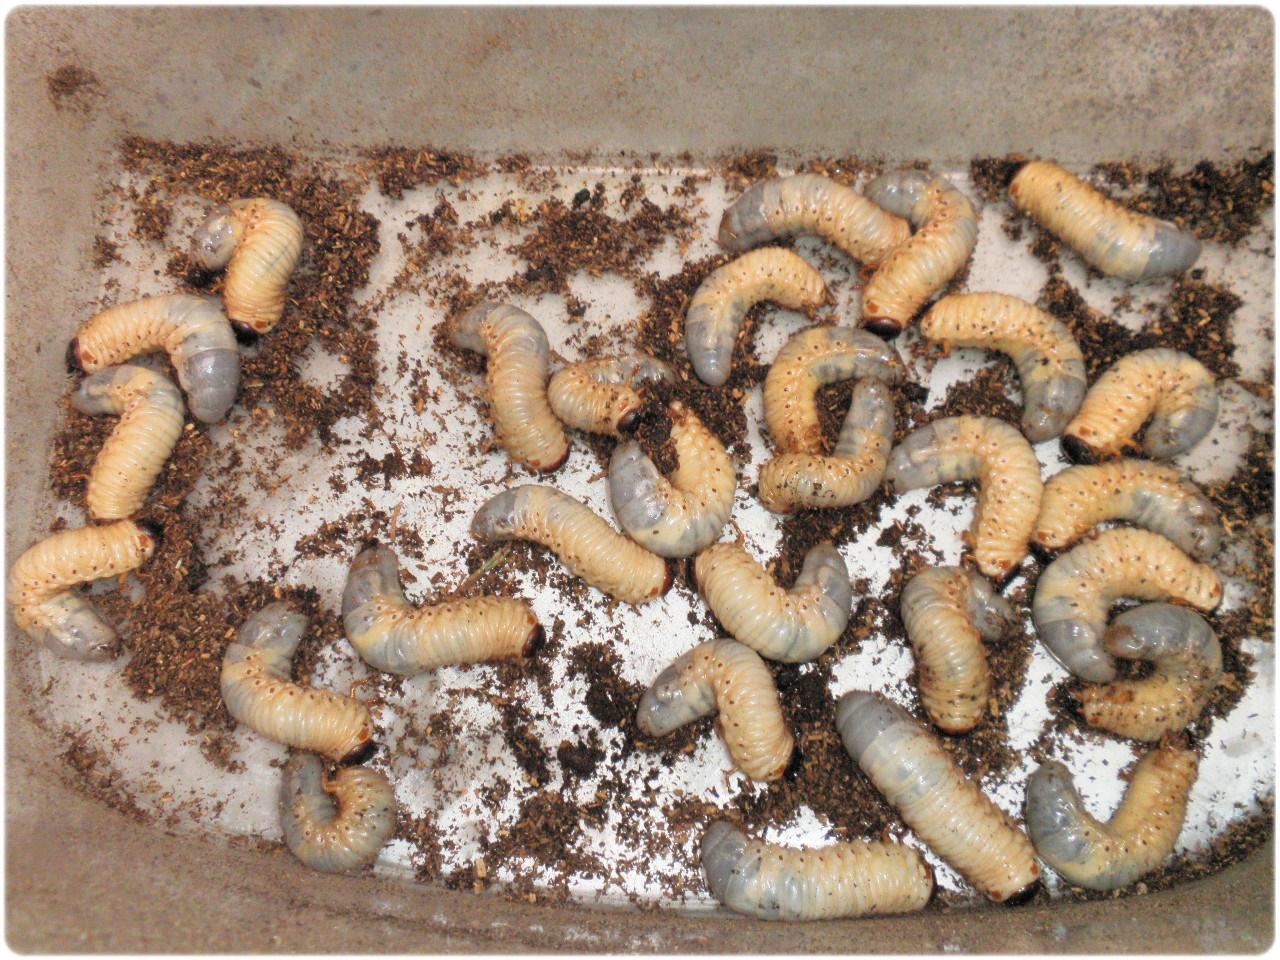 カブトムシ幼虫 出てくる